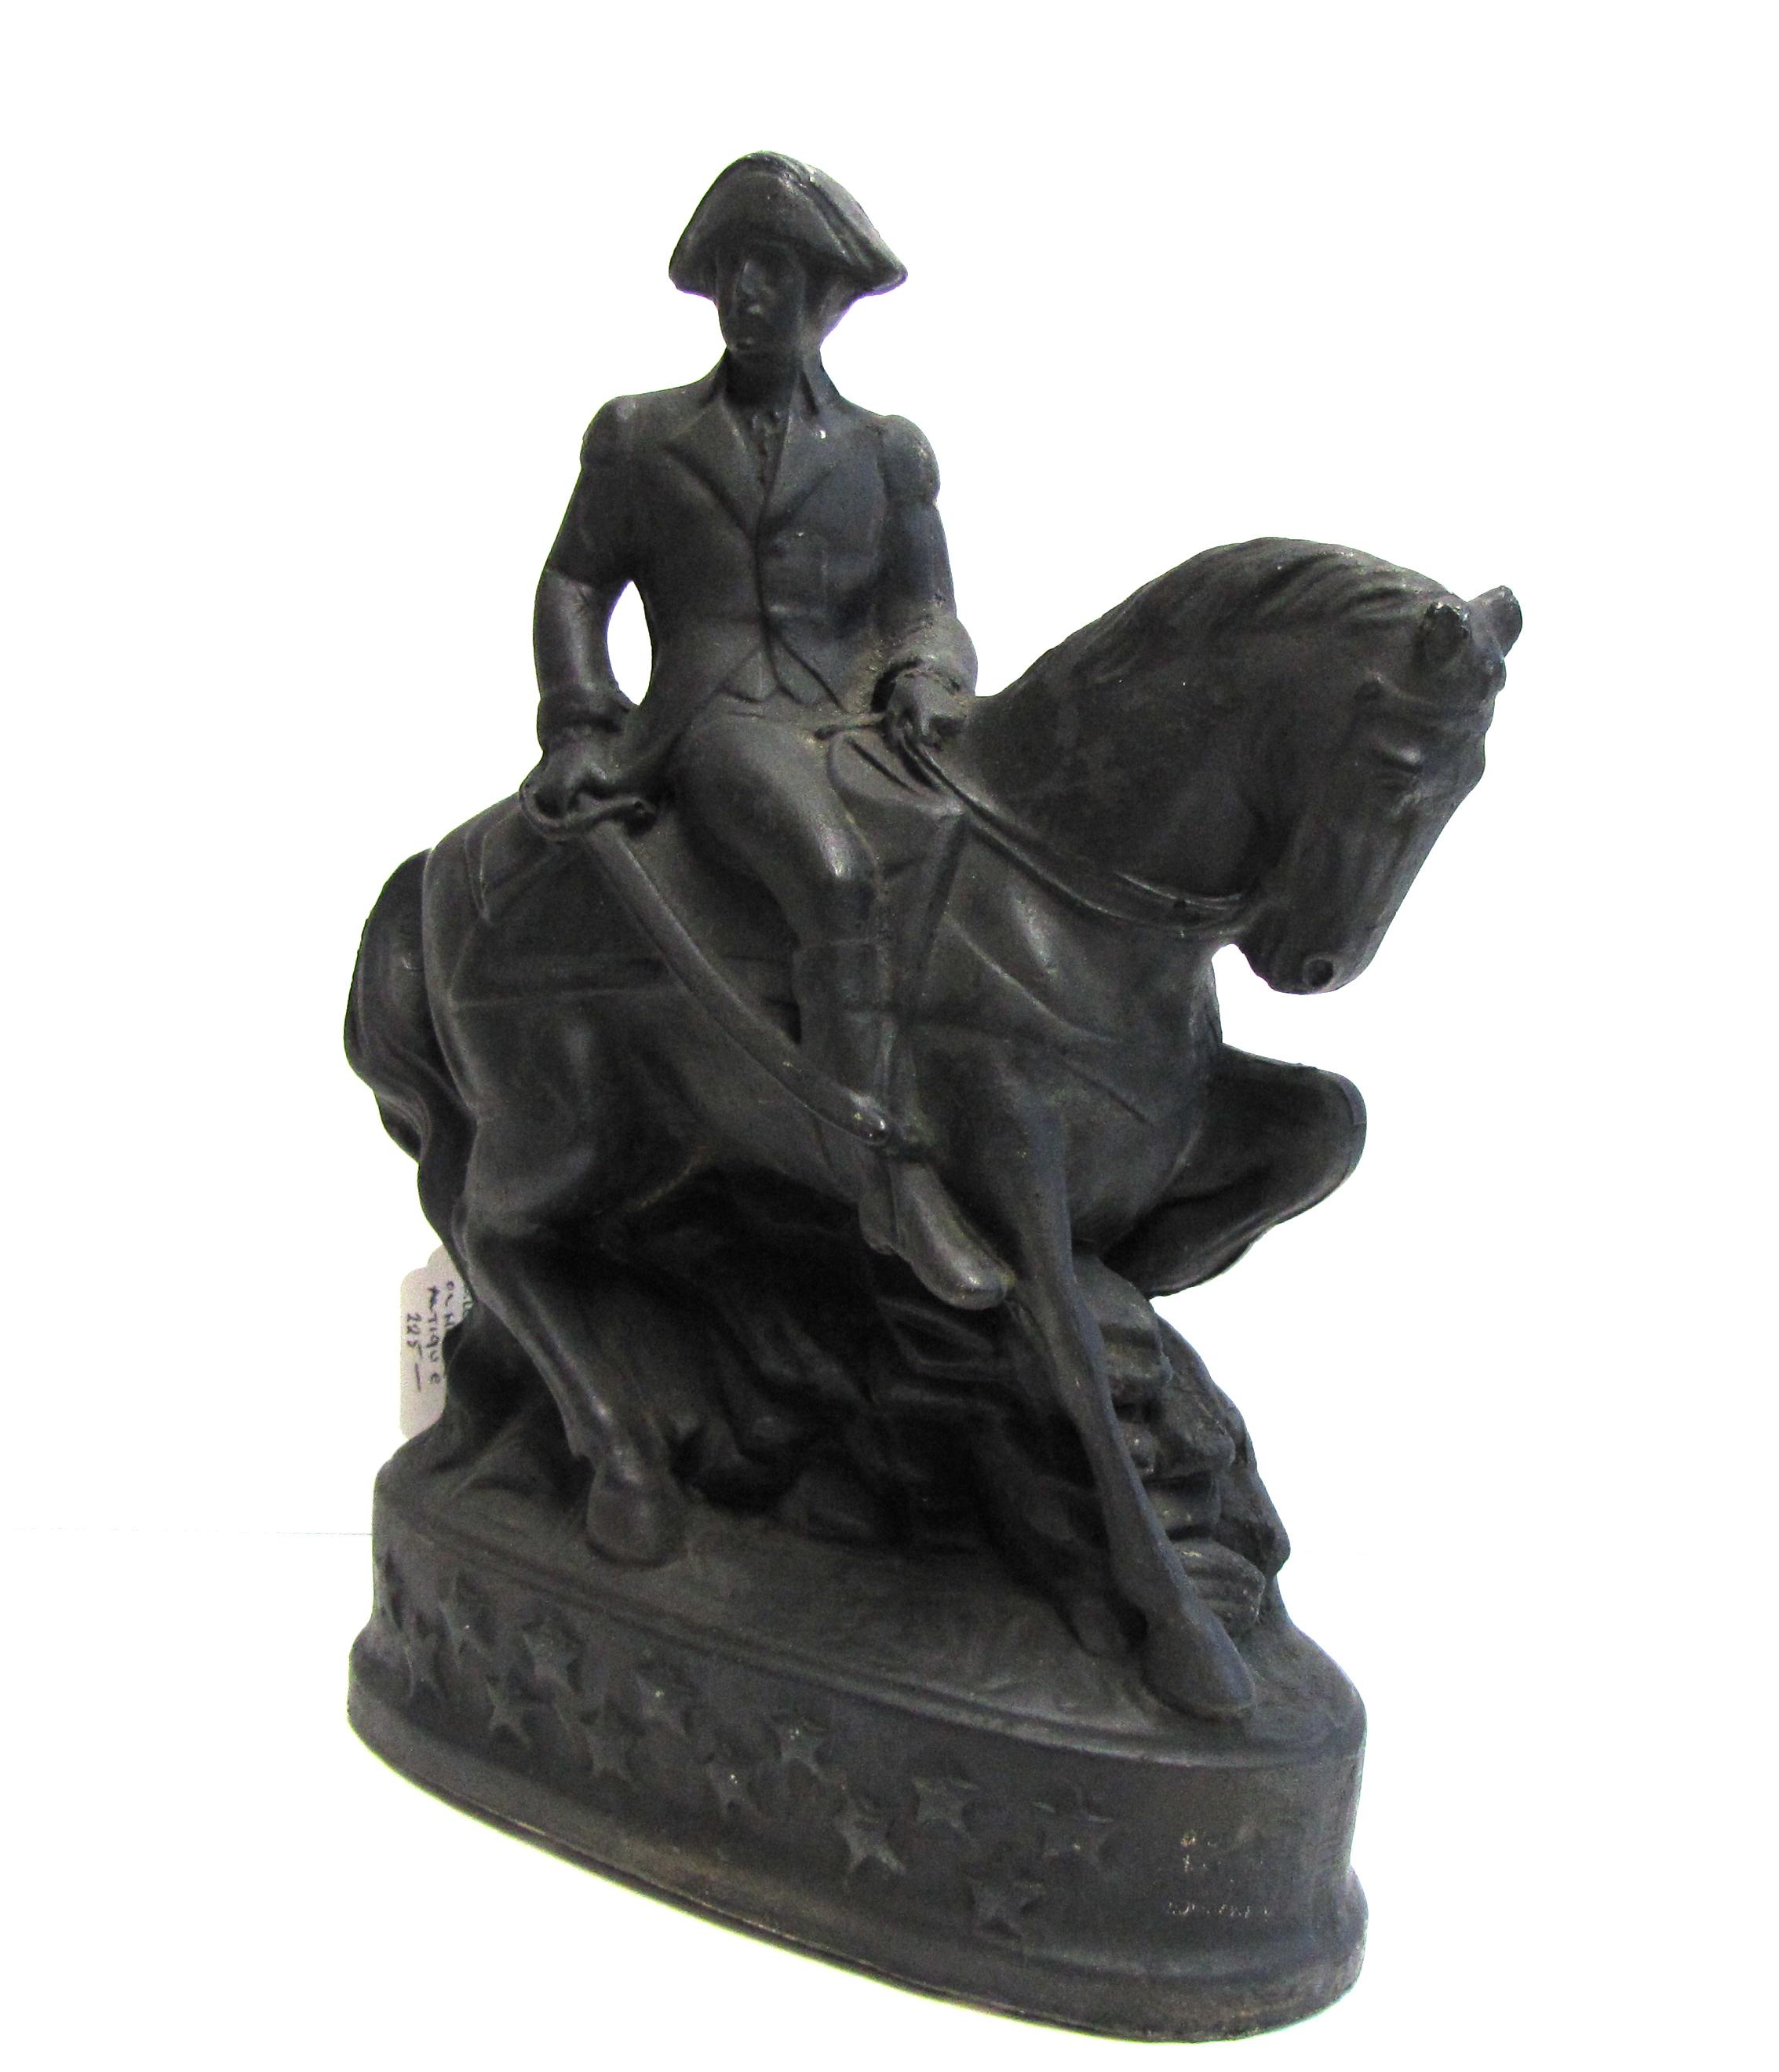 Vintage George Washington Statue